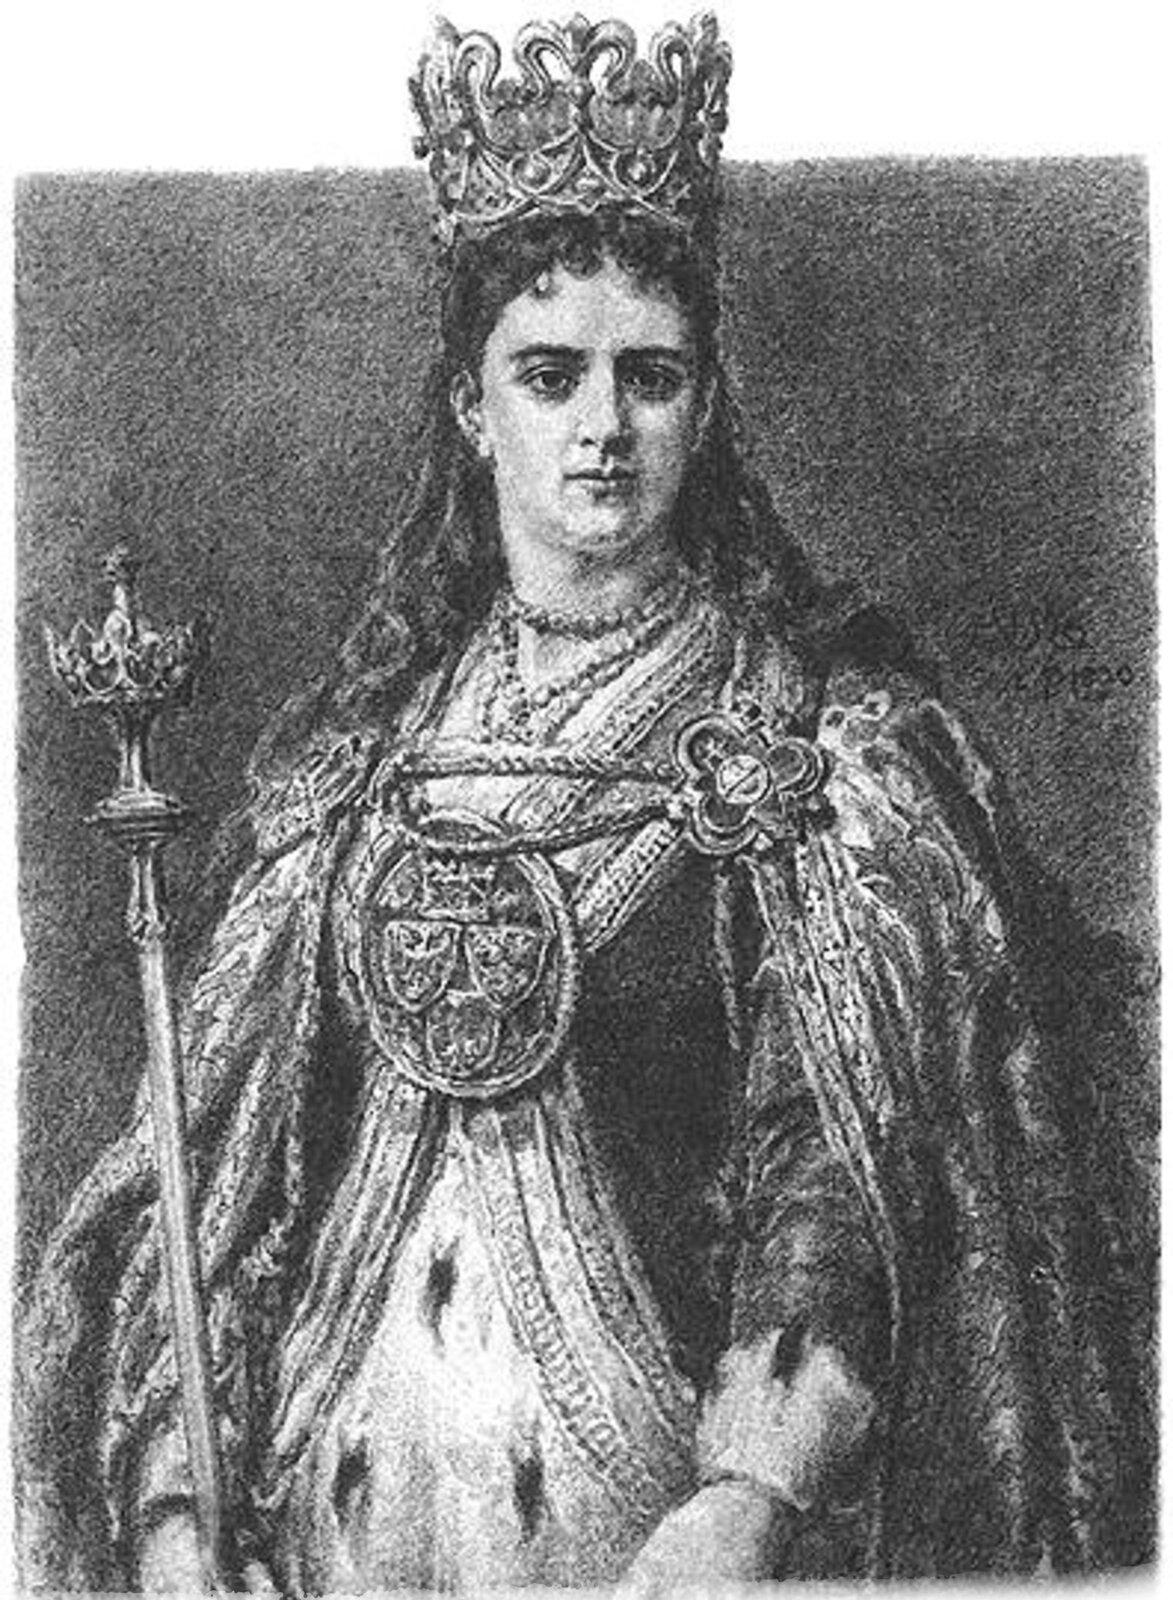 Ilustracja czarno-biała królowej Jadwigi. Królowa ma berło wprawej dłoni ikoronę na głowie. Ma długie włosy.